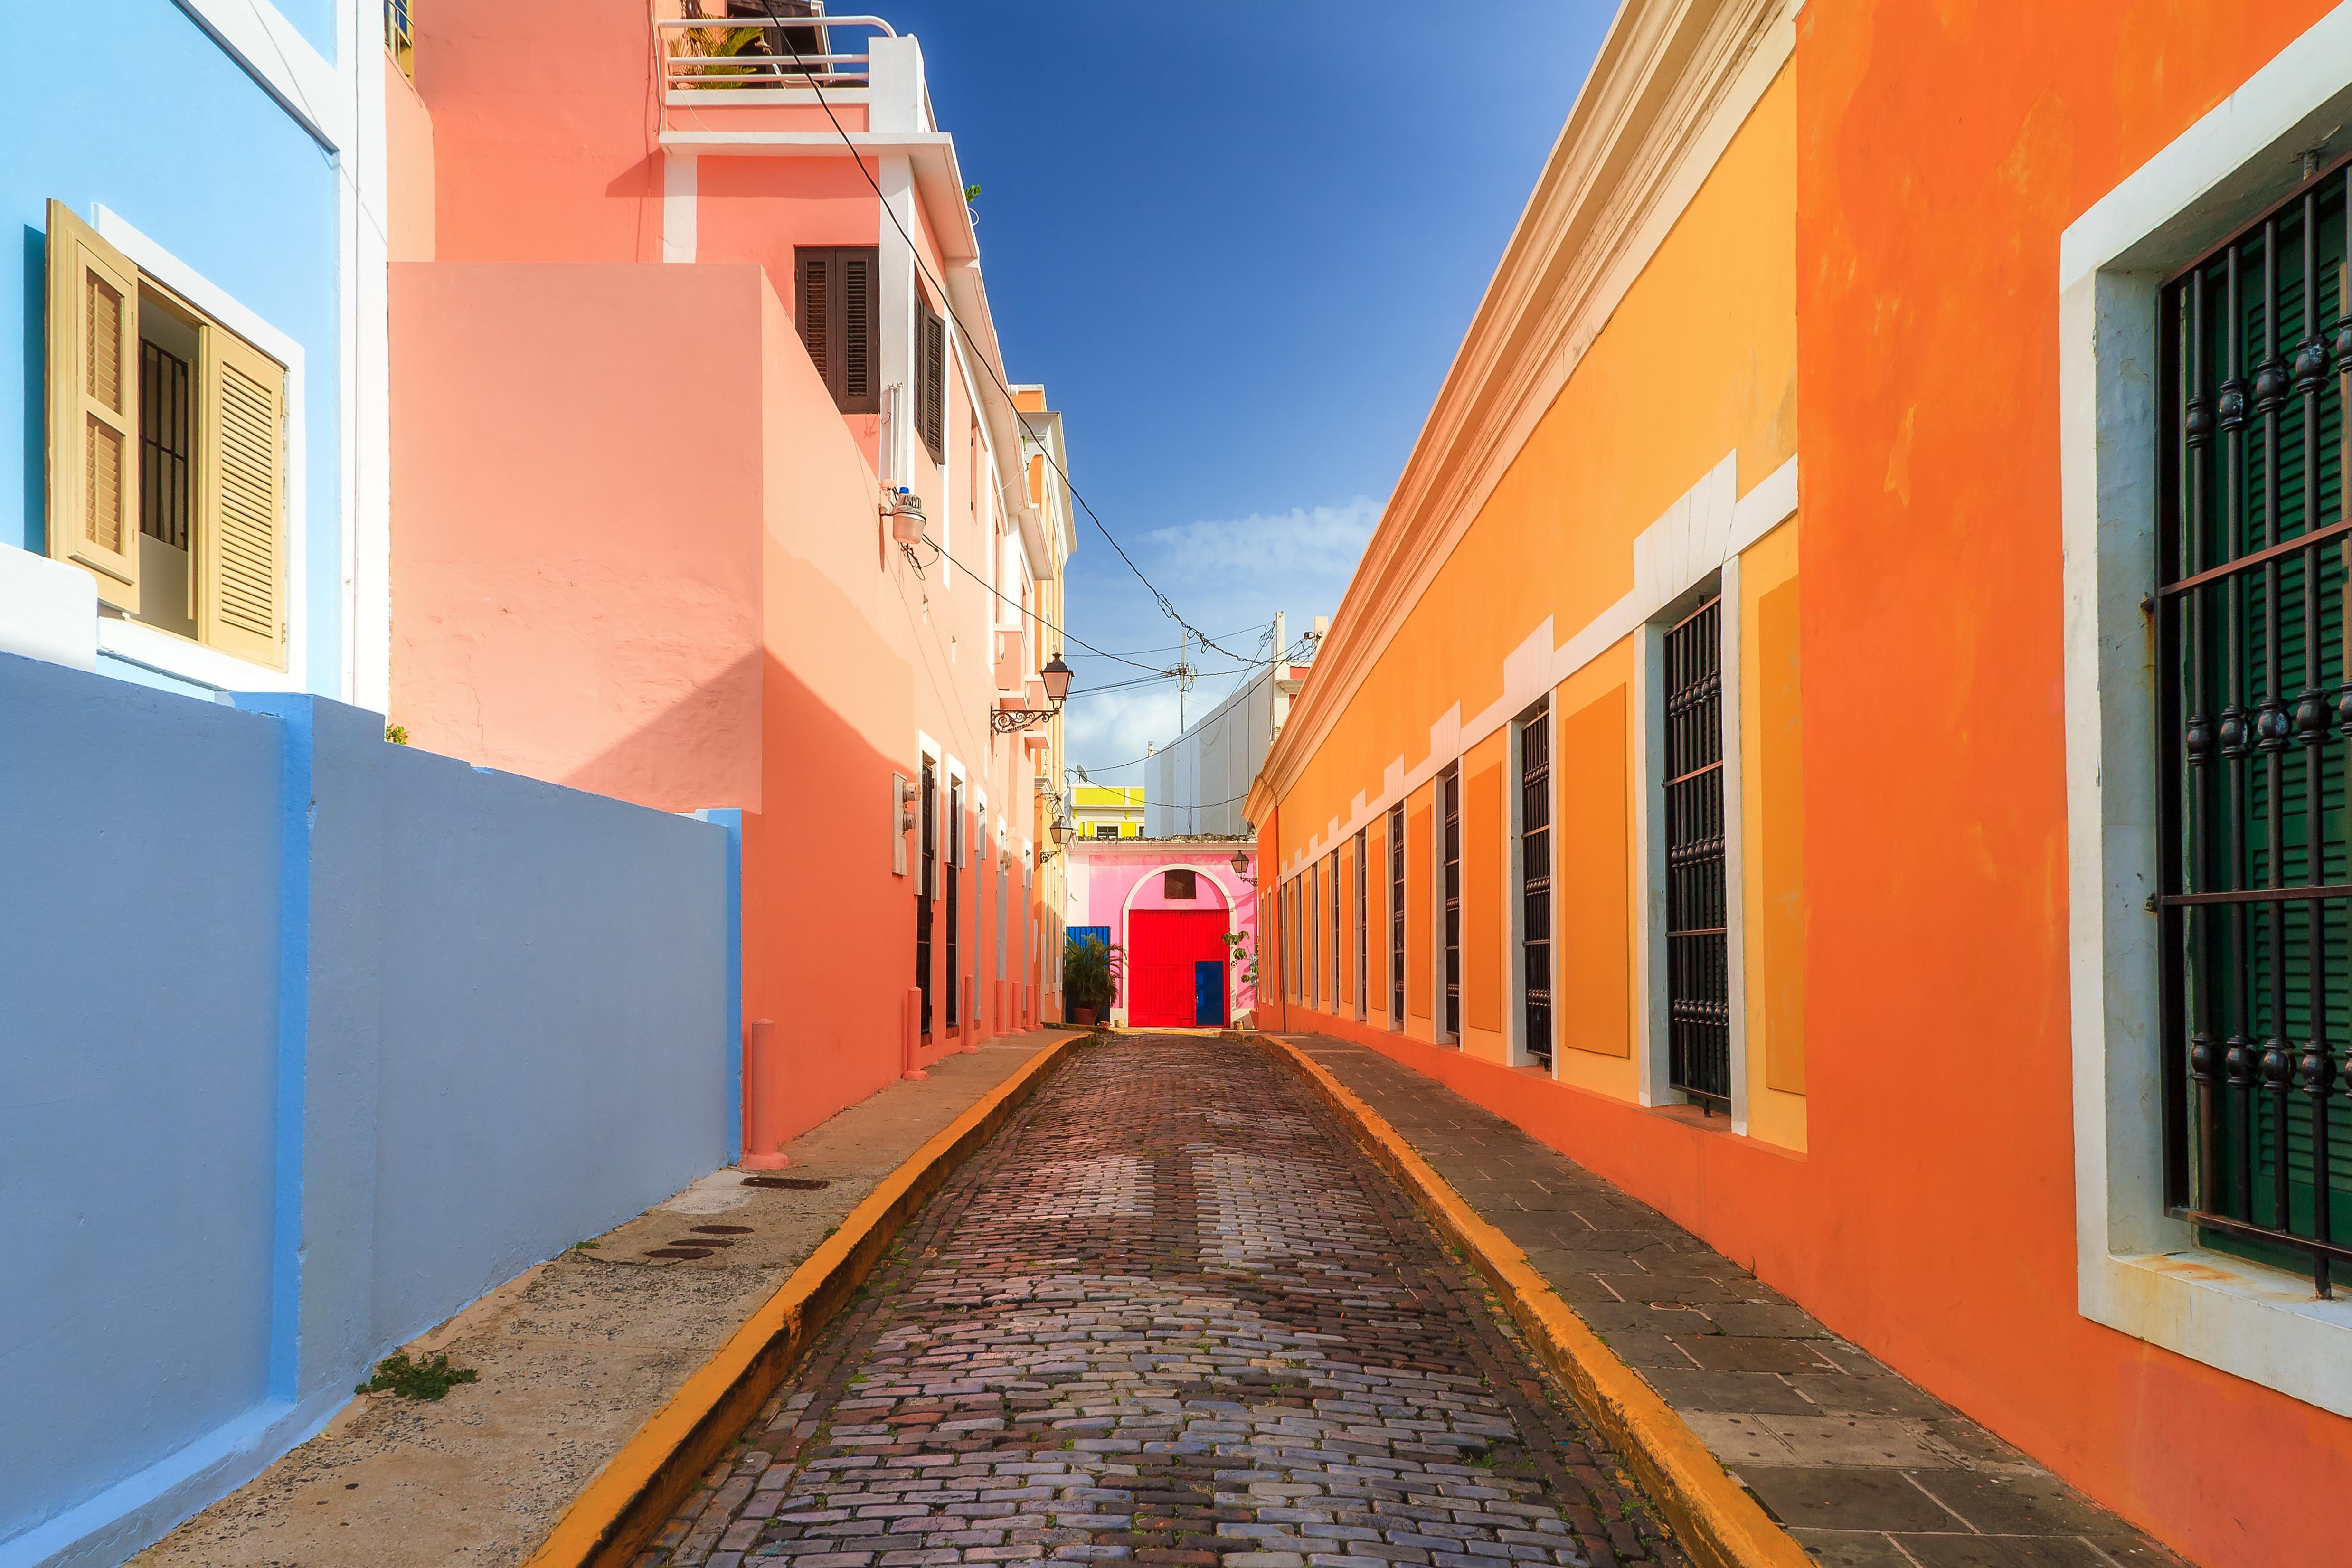 gratis online dating webbplatser Puerto Rico